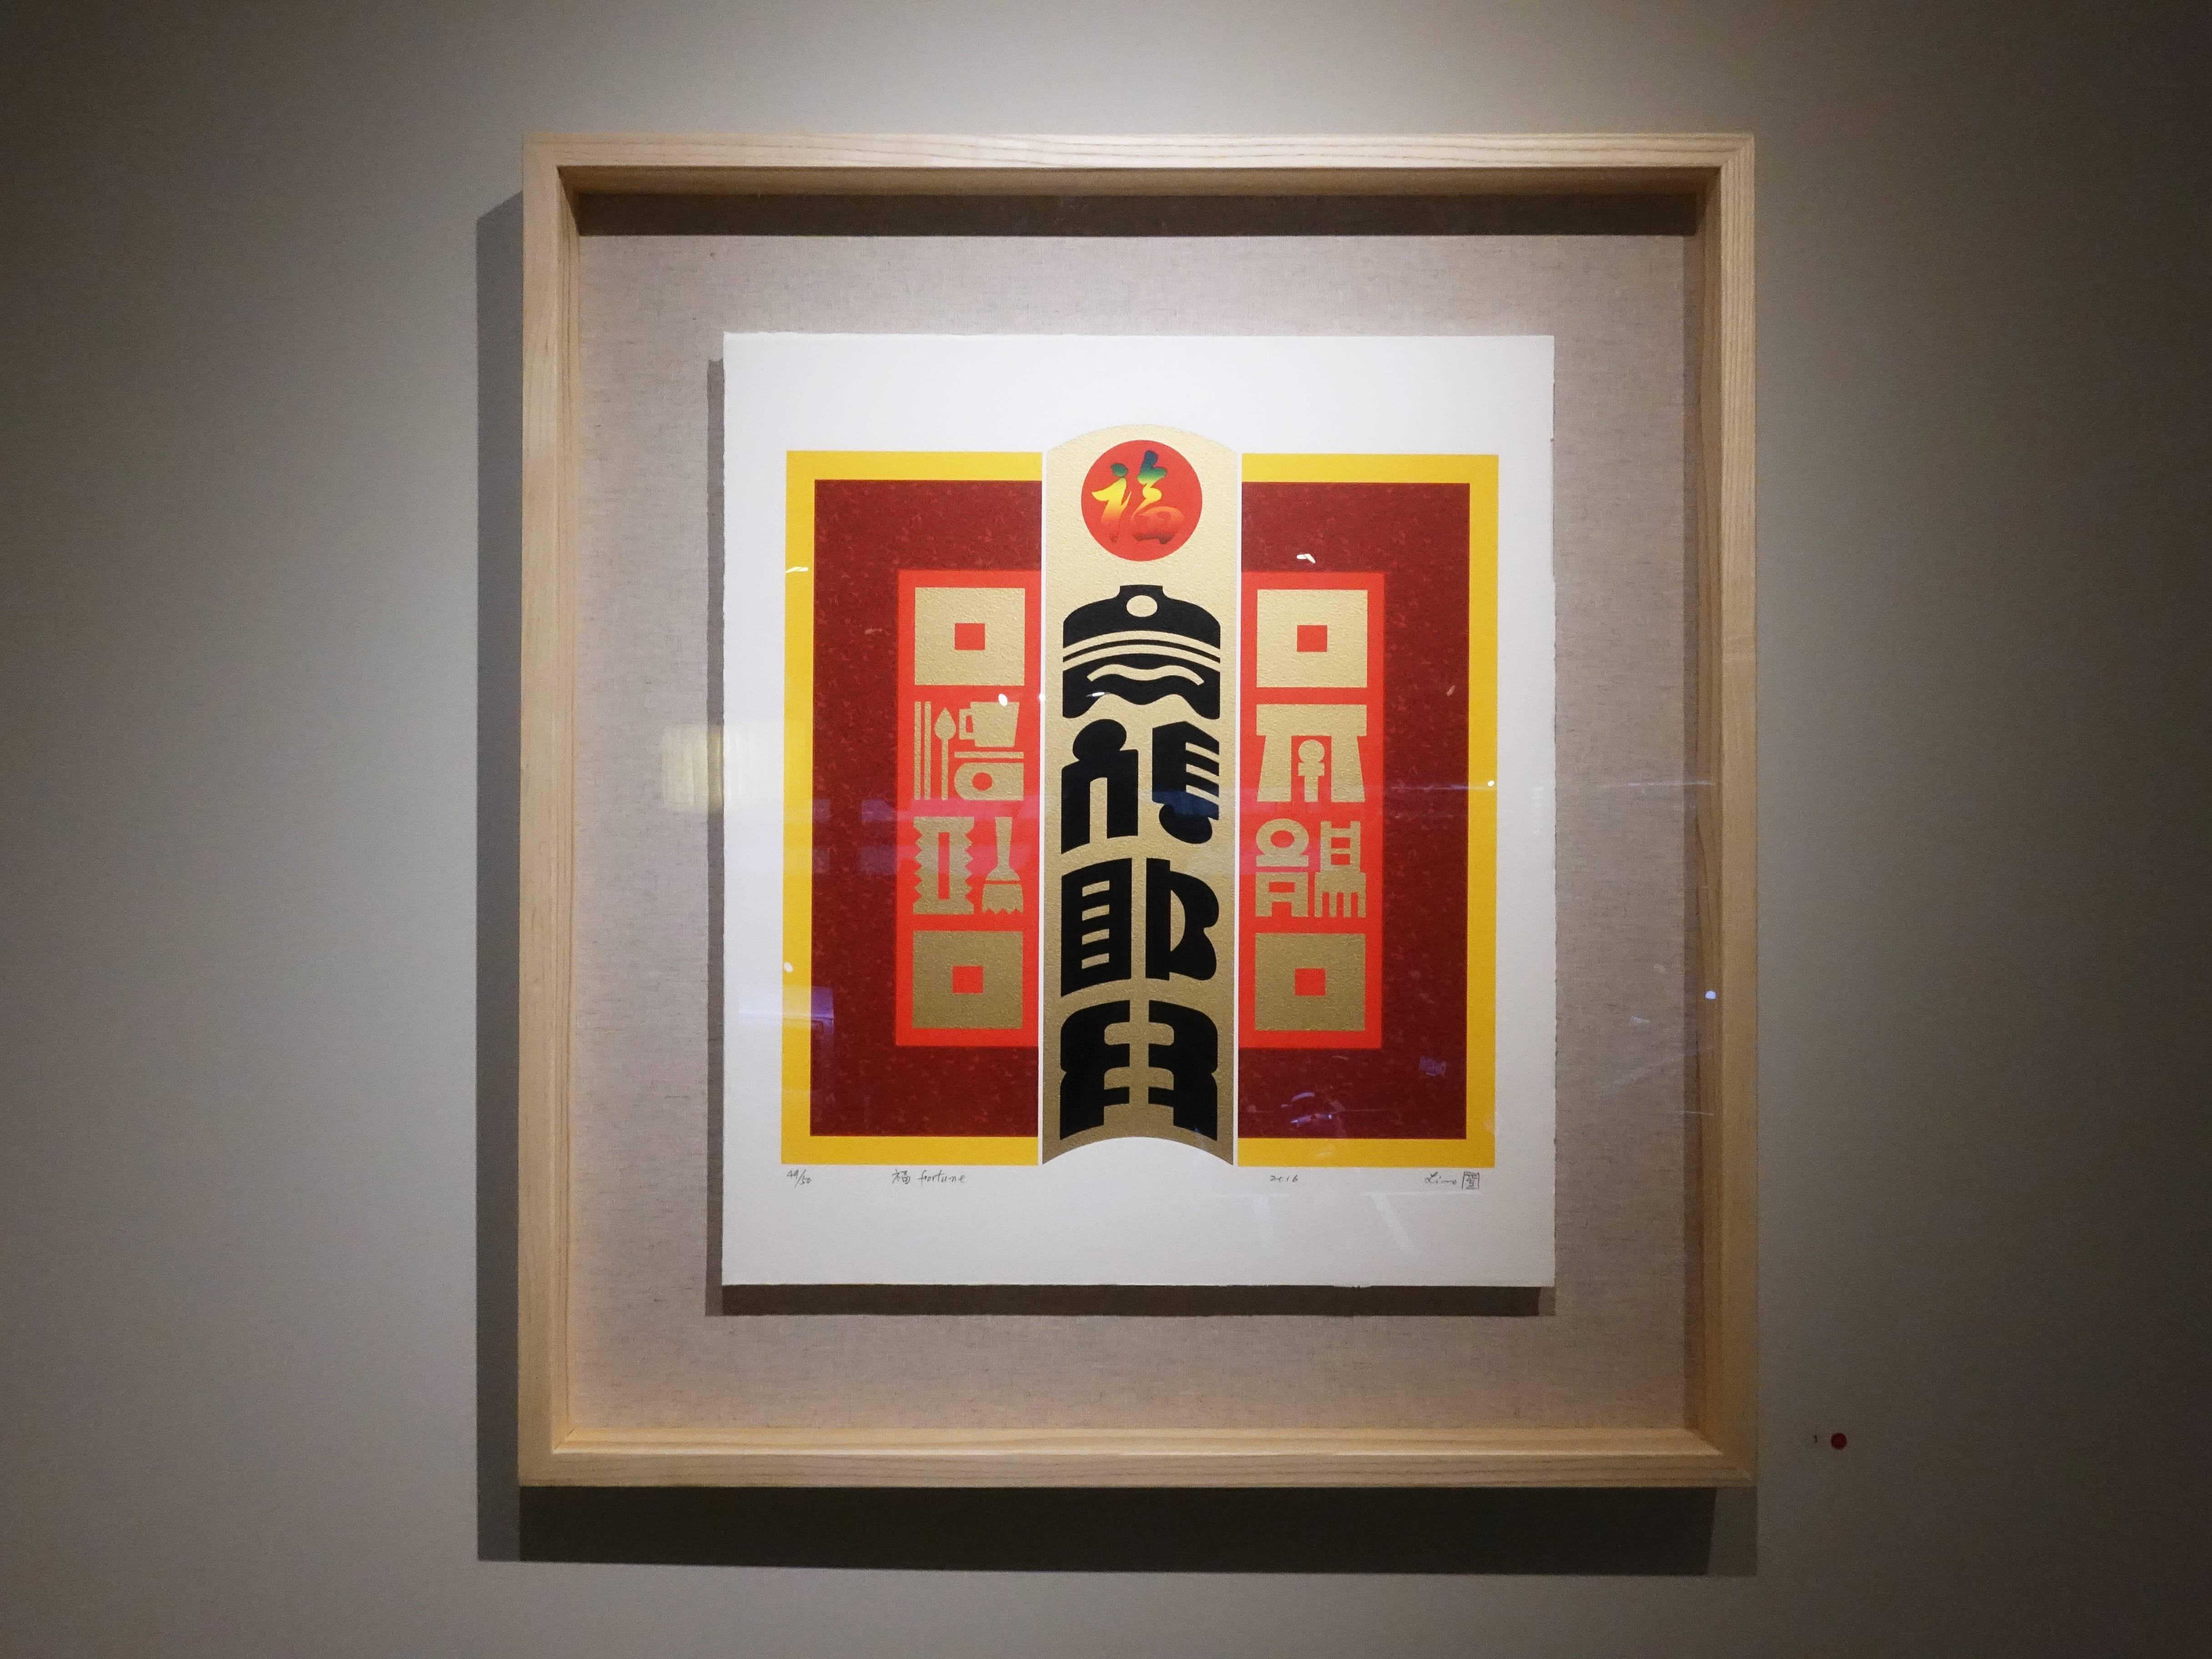 廖修平,《福》,45 x 43 cm,49/50,絲網版,2016。